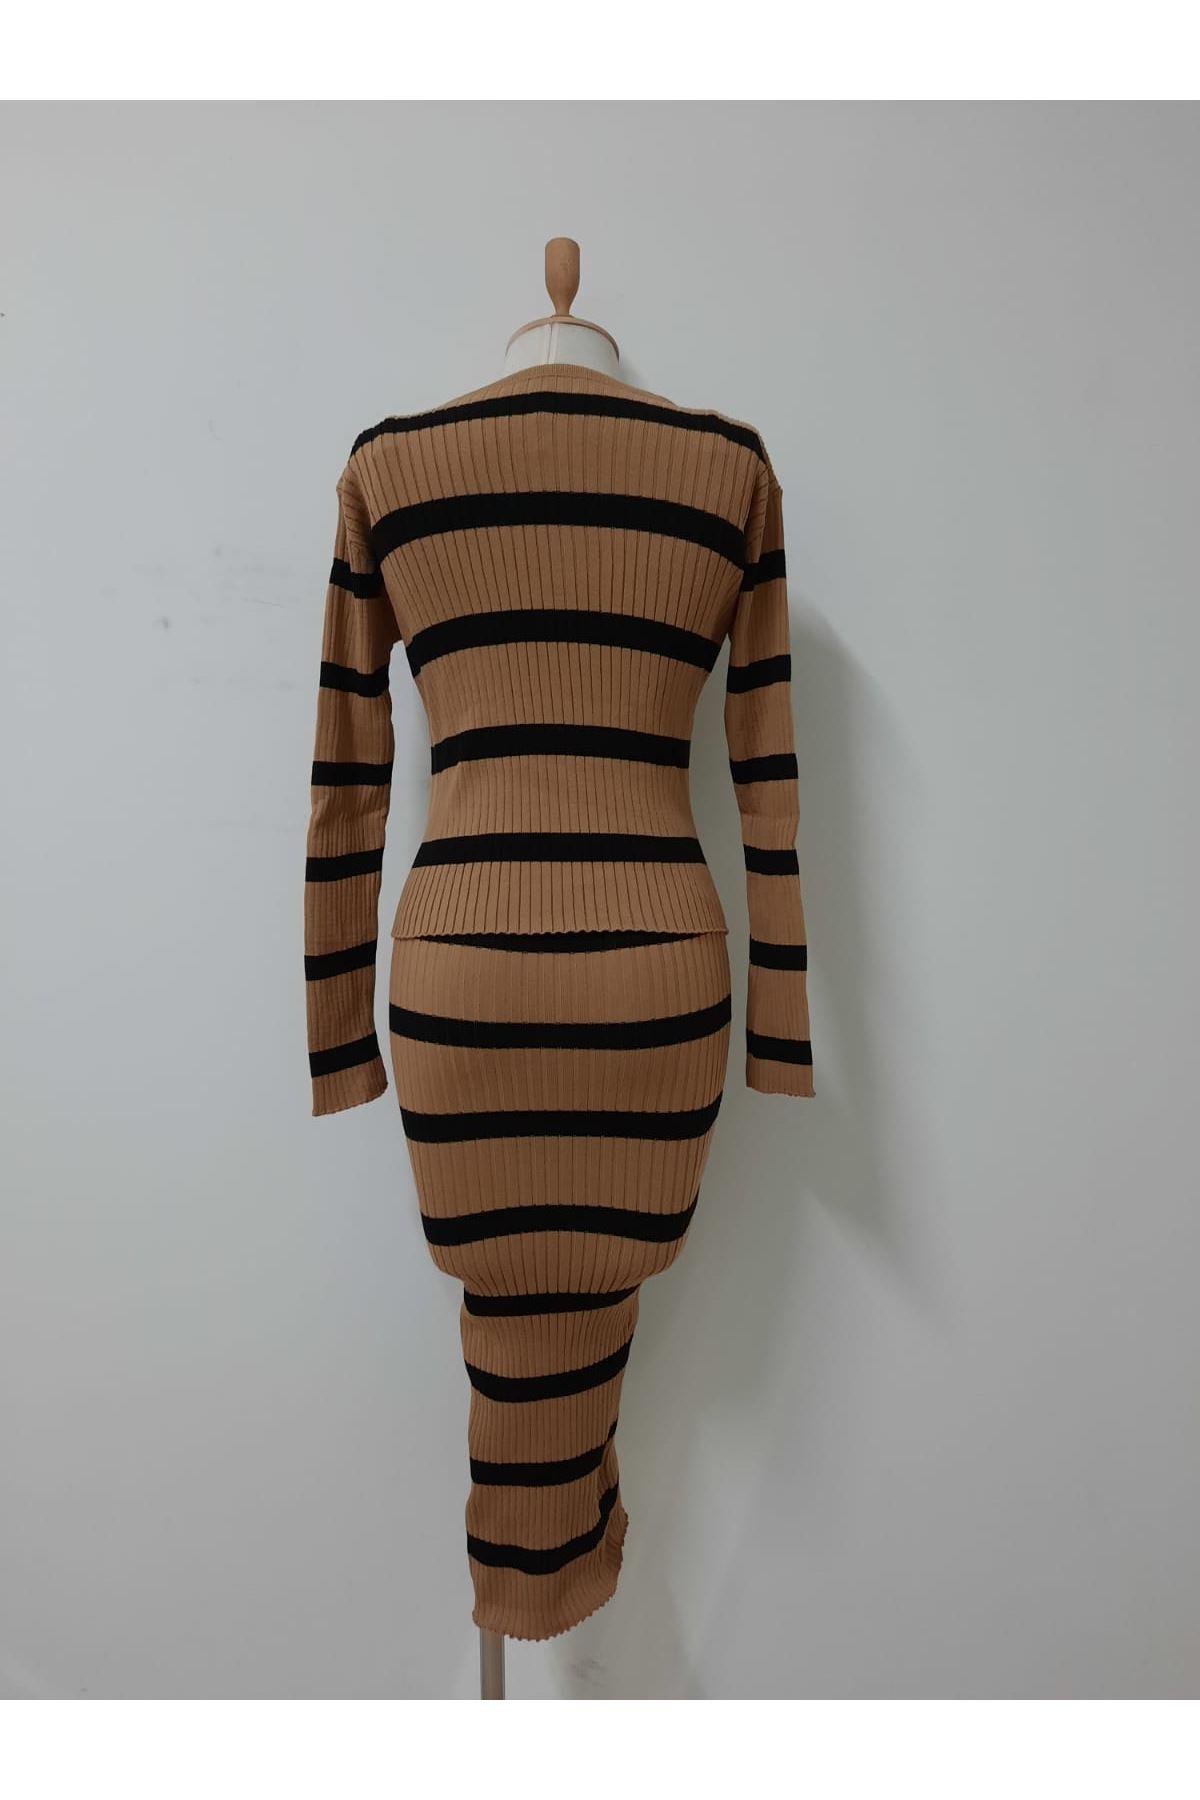 Çizgi Kalem Elbise İkili Takım - VİZON